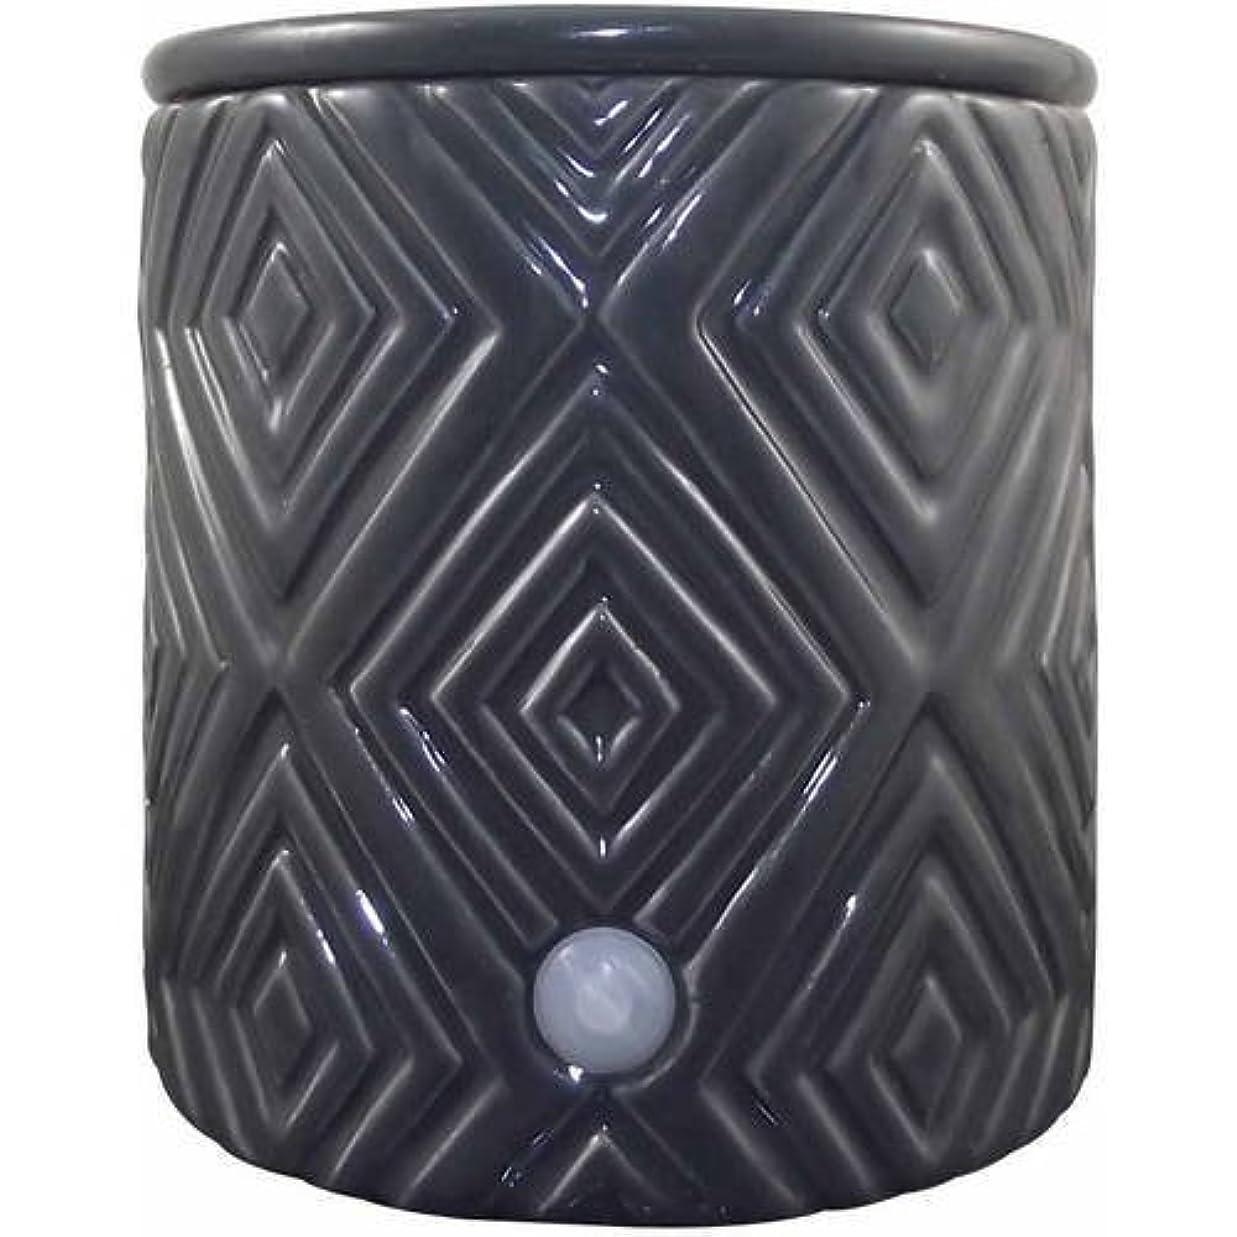 比類のない鷲タワーElectric Wax Warmer – Use to Melt Scented Candleキューブ – グリーン装飾 – アロマセラピーAcessory – Fill Yourホームwith Fragrance by...